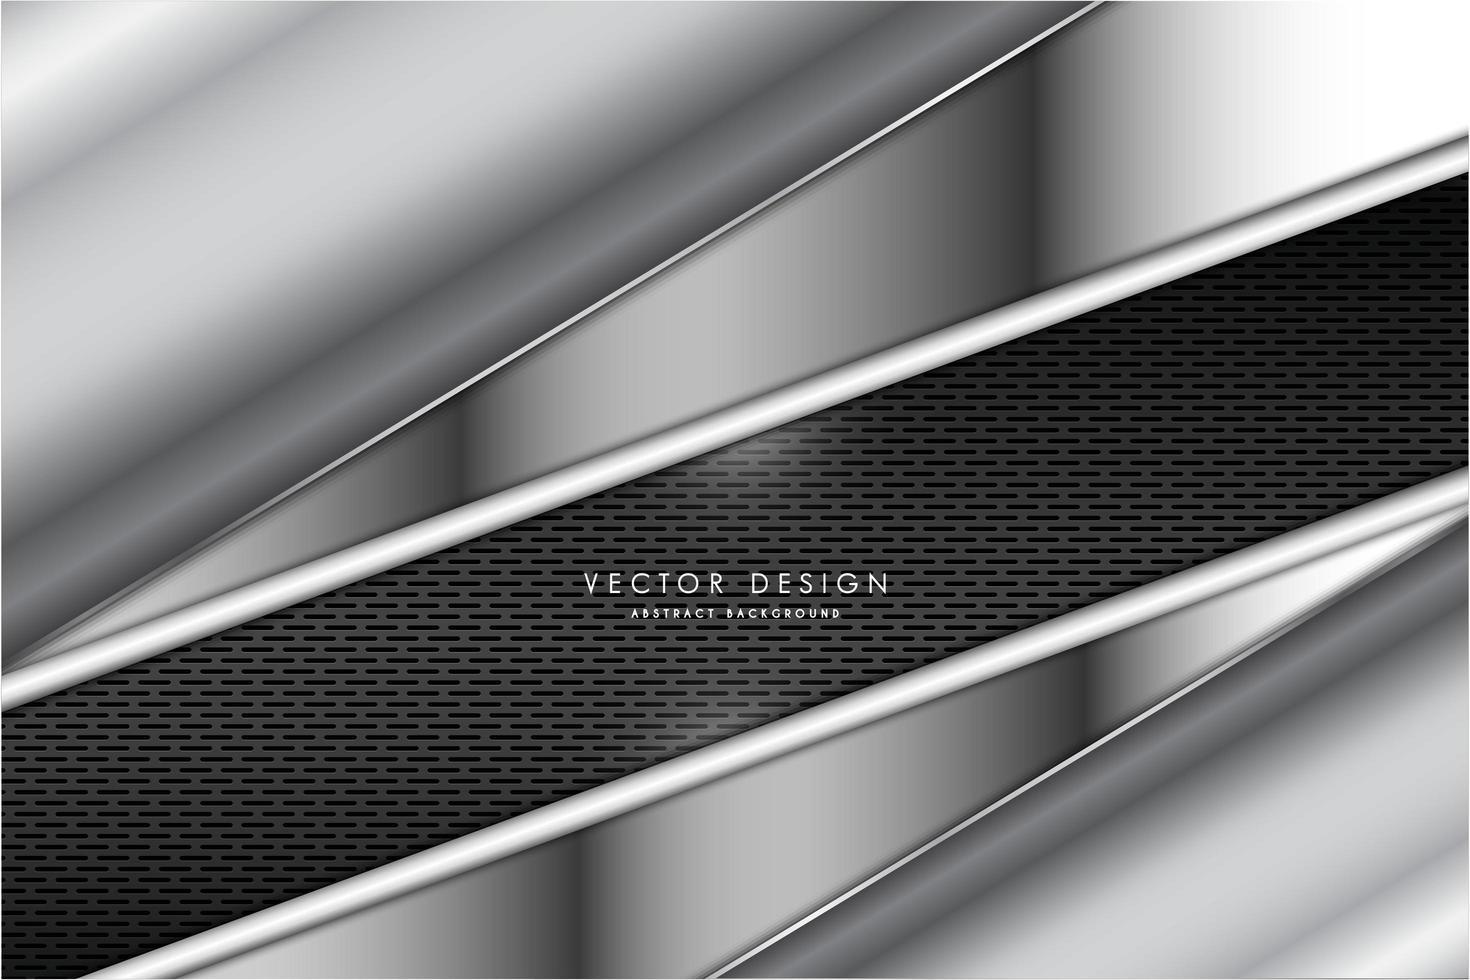 metallisch abgewinkelte silberne Paneele mit dunkler Roststruktur vektor